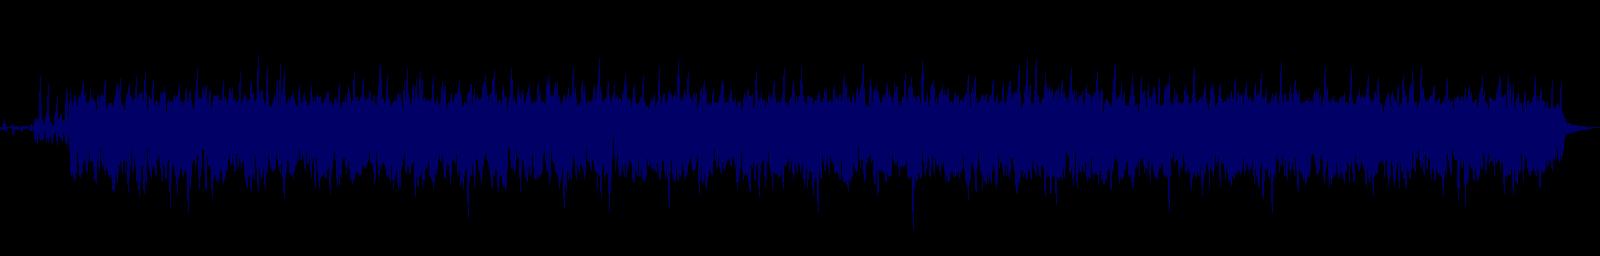 waveform of track #148611